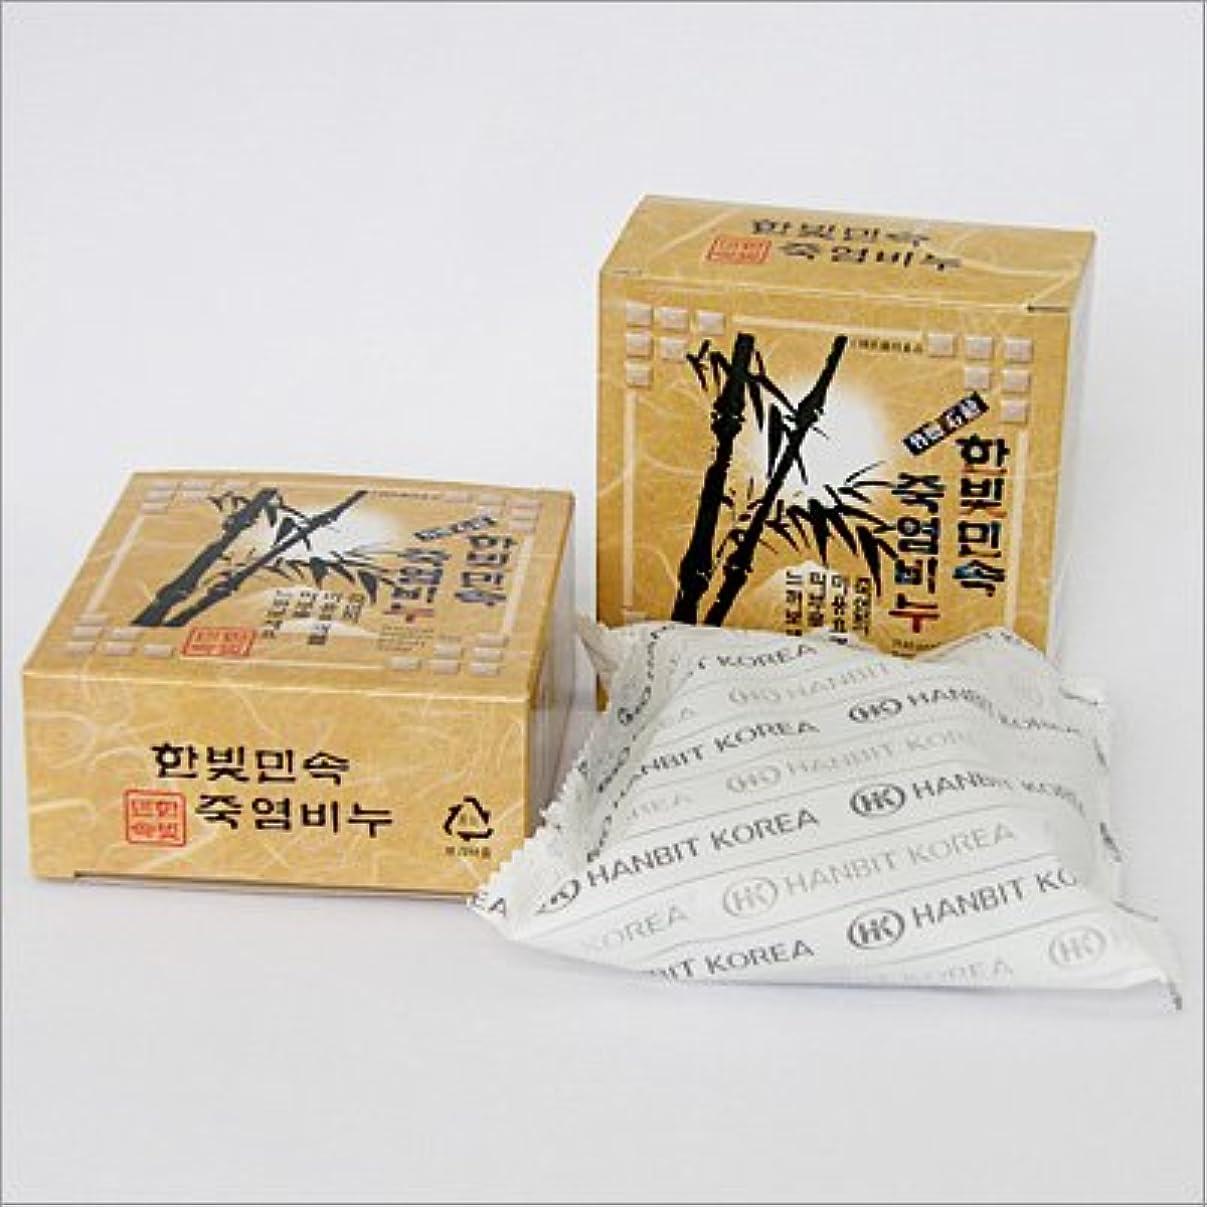 愛情深い白雪姫真実に(韓国ブランド) 韓国直輸入』竹塩石鹸(3個×5セット)